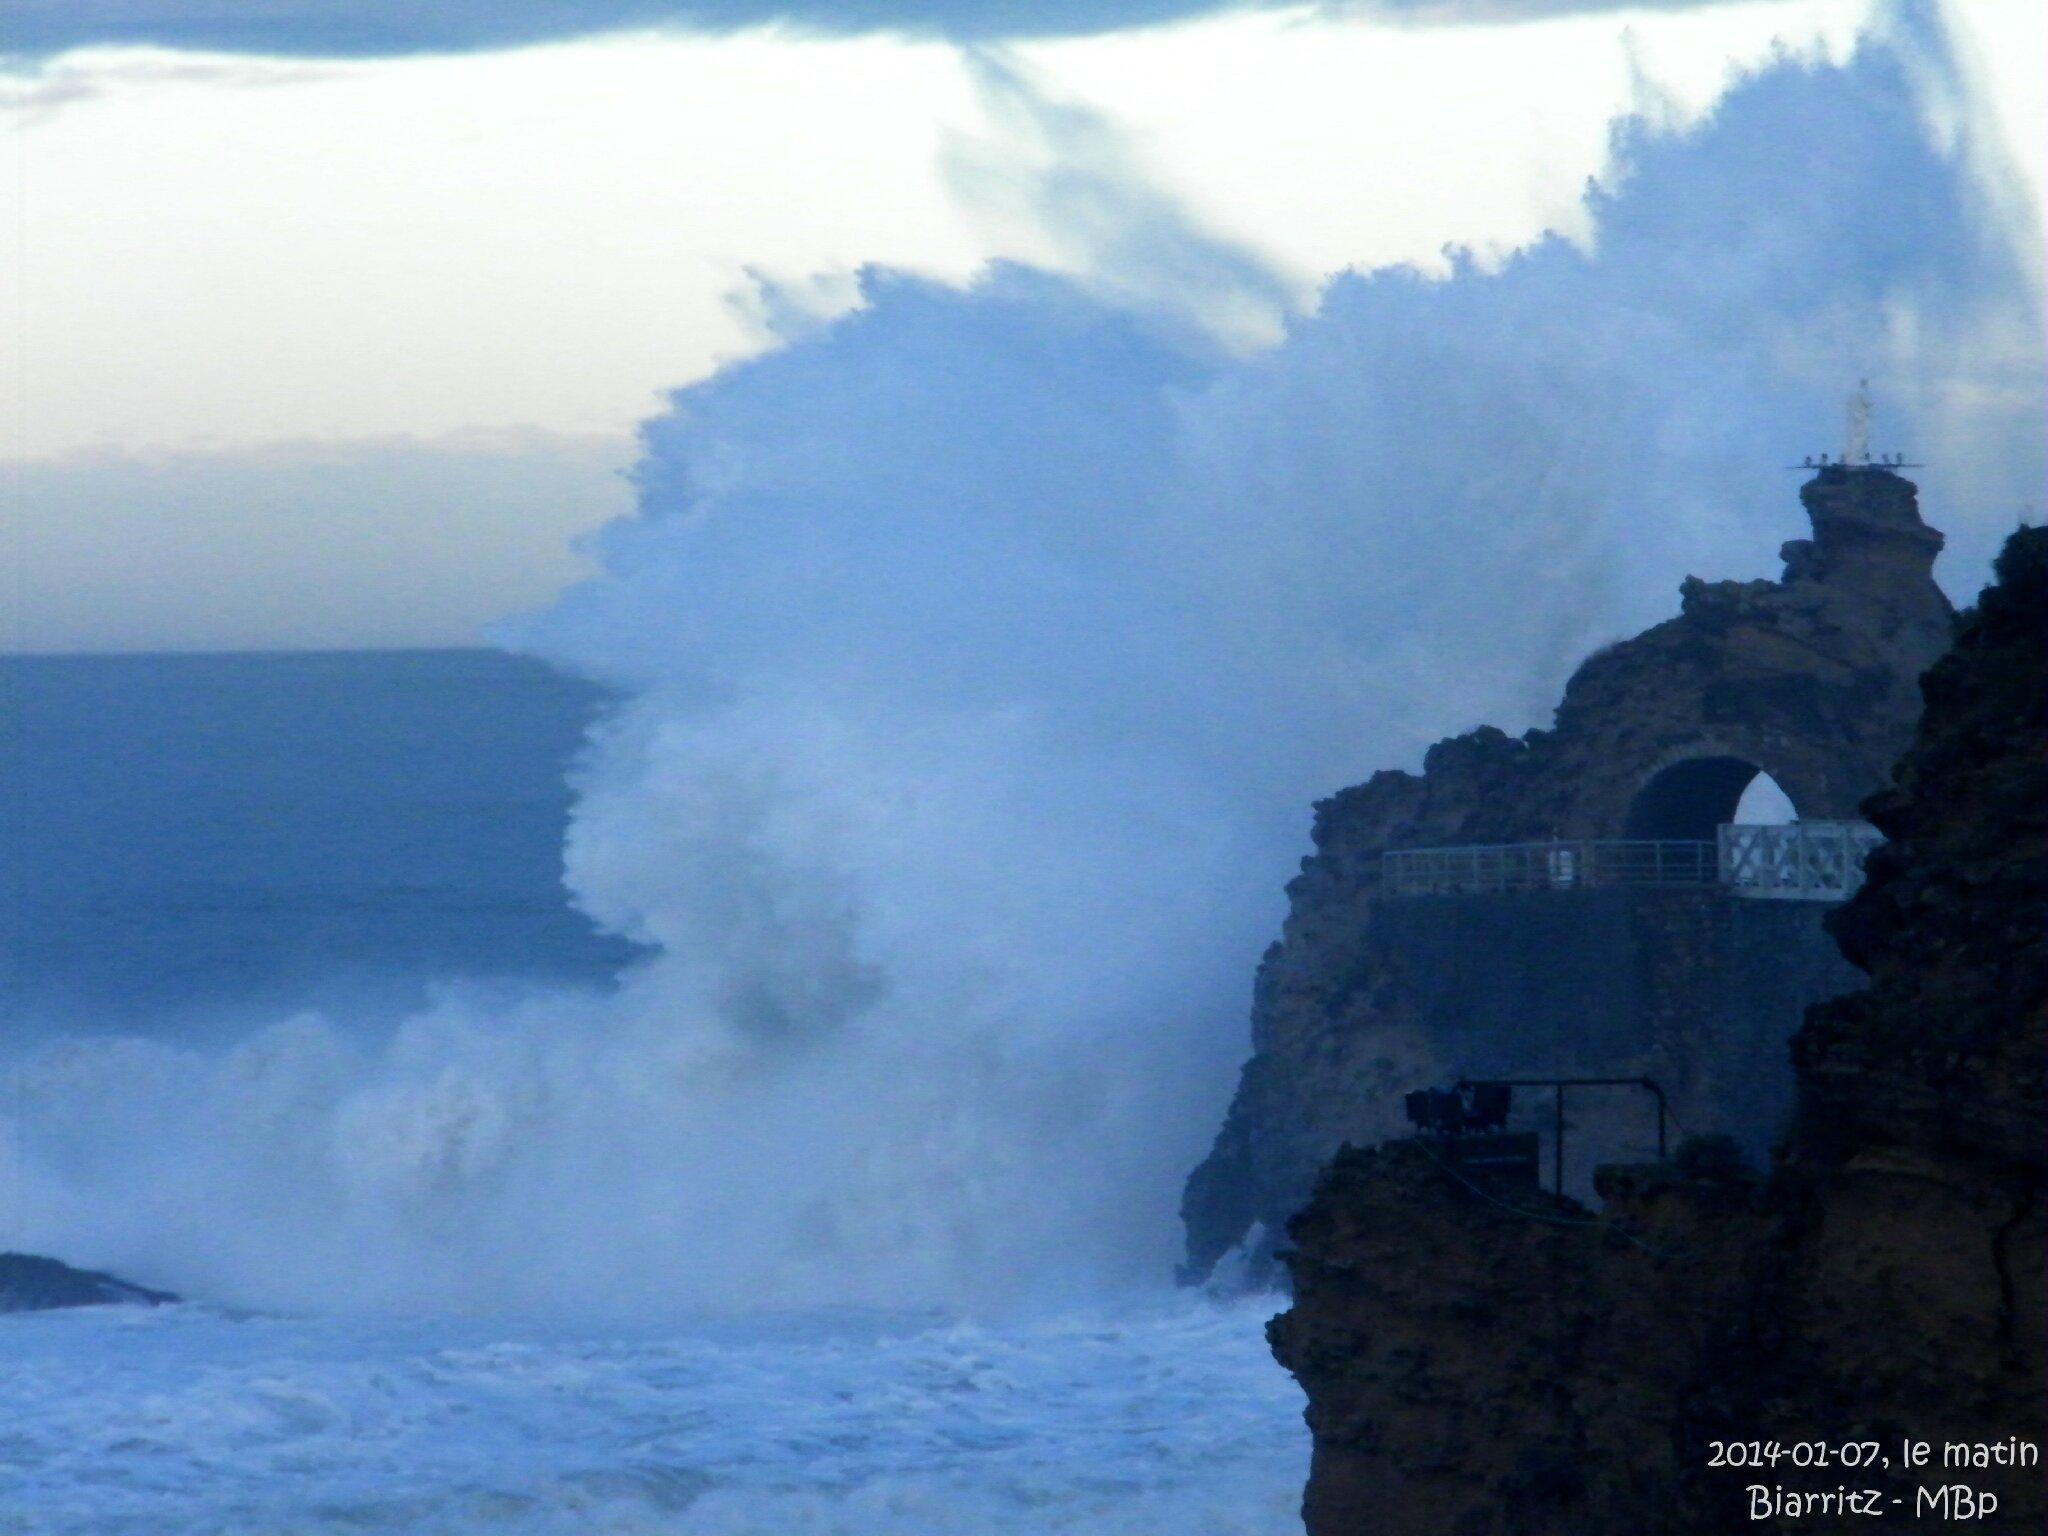 2014-01-07 grosses vagues au pic de la marée haute 2705